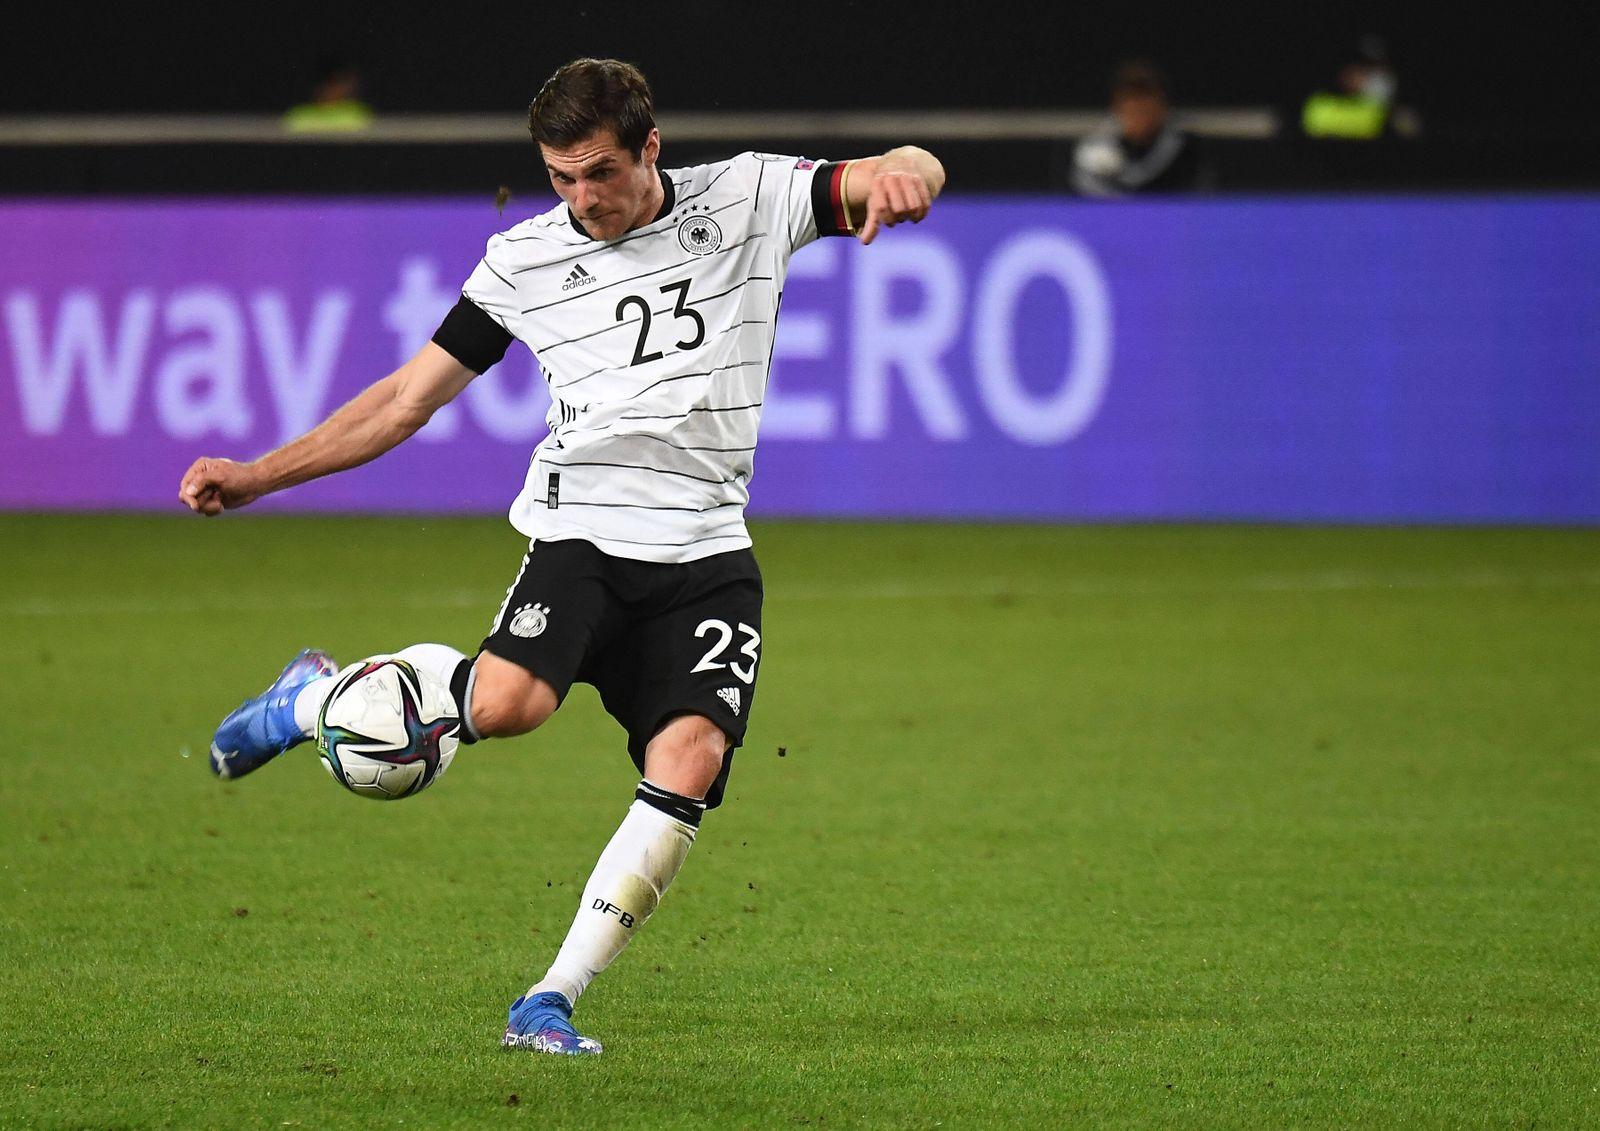 05.09.2021, xjhx, Fussball WM-Qualifikation 2022, Deutschland - Armenien emspor, v.l. Jonas Hofmann (Deutsche Fussball